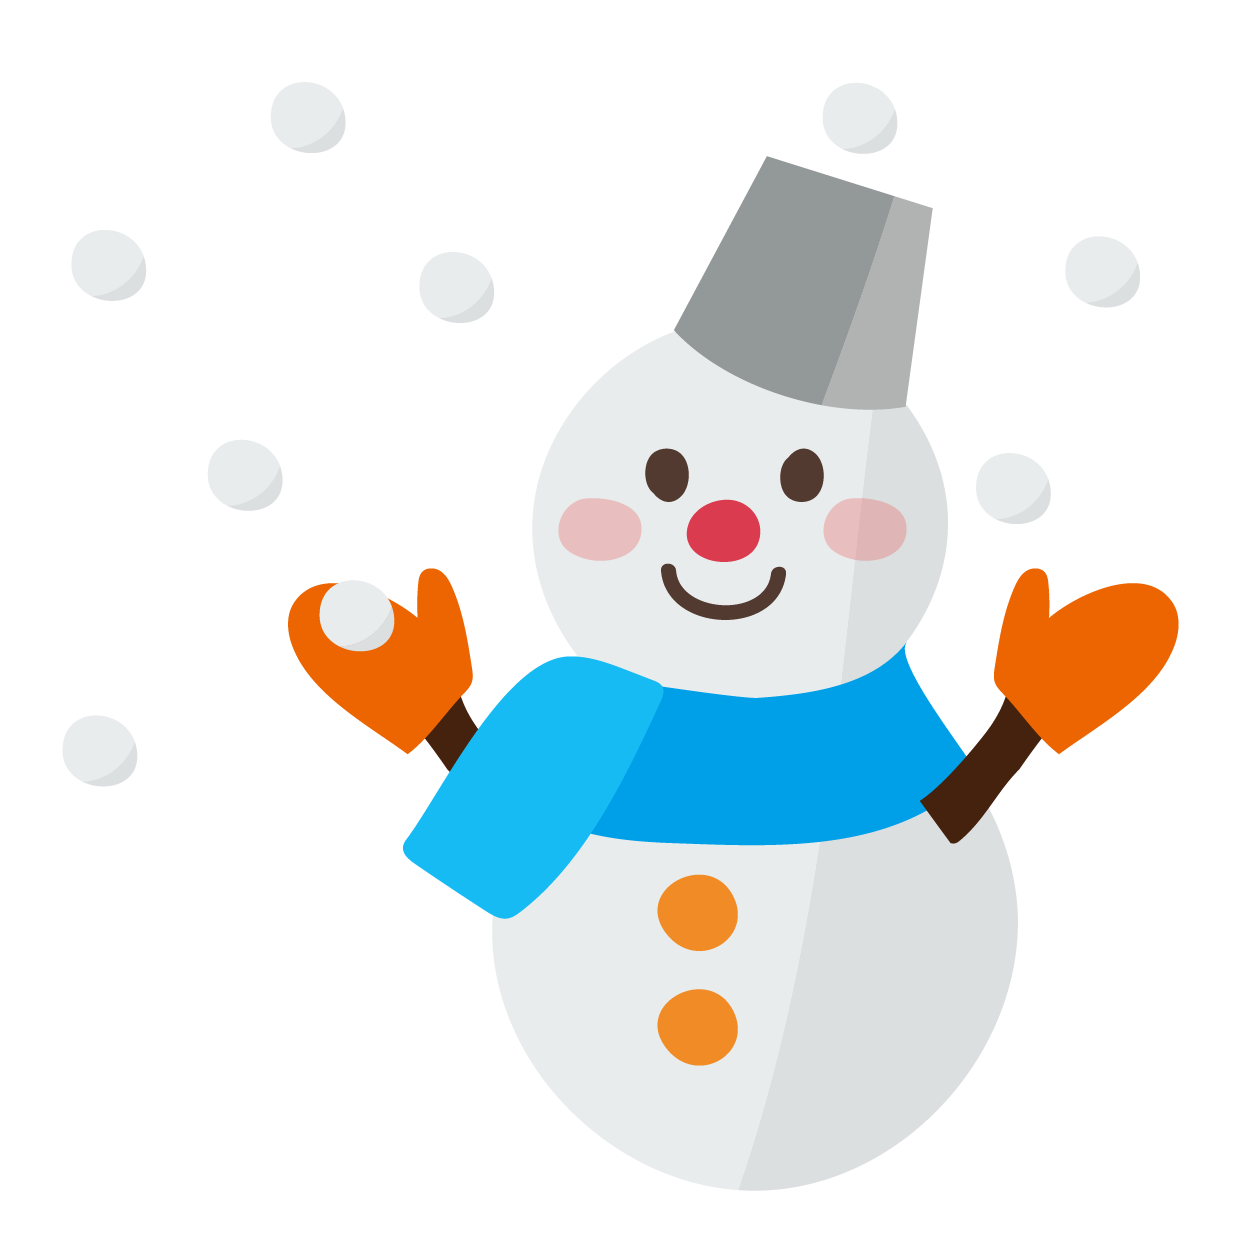 雪の日の雪だるまのイラスト(天気) | 商用フリー(無料)のイラスト素材なら「イラストマンション」